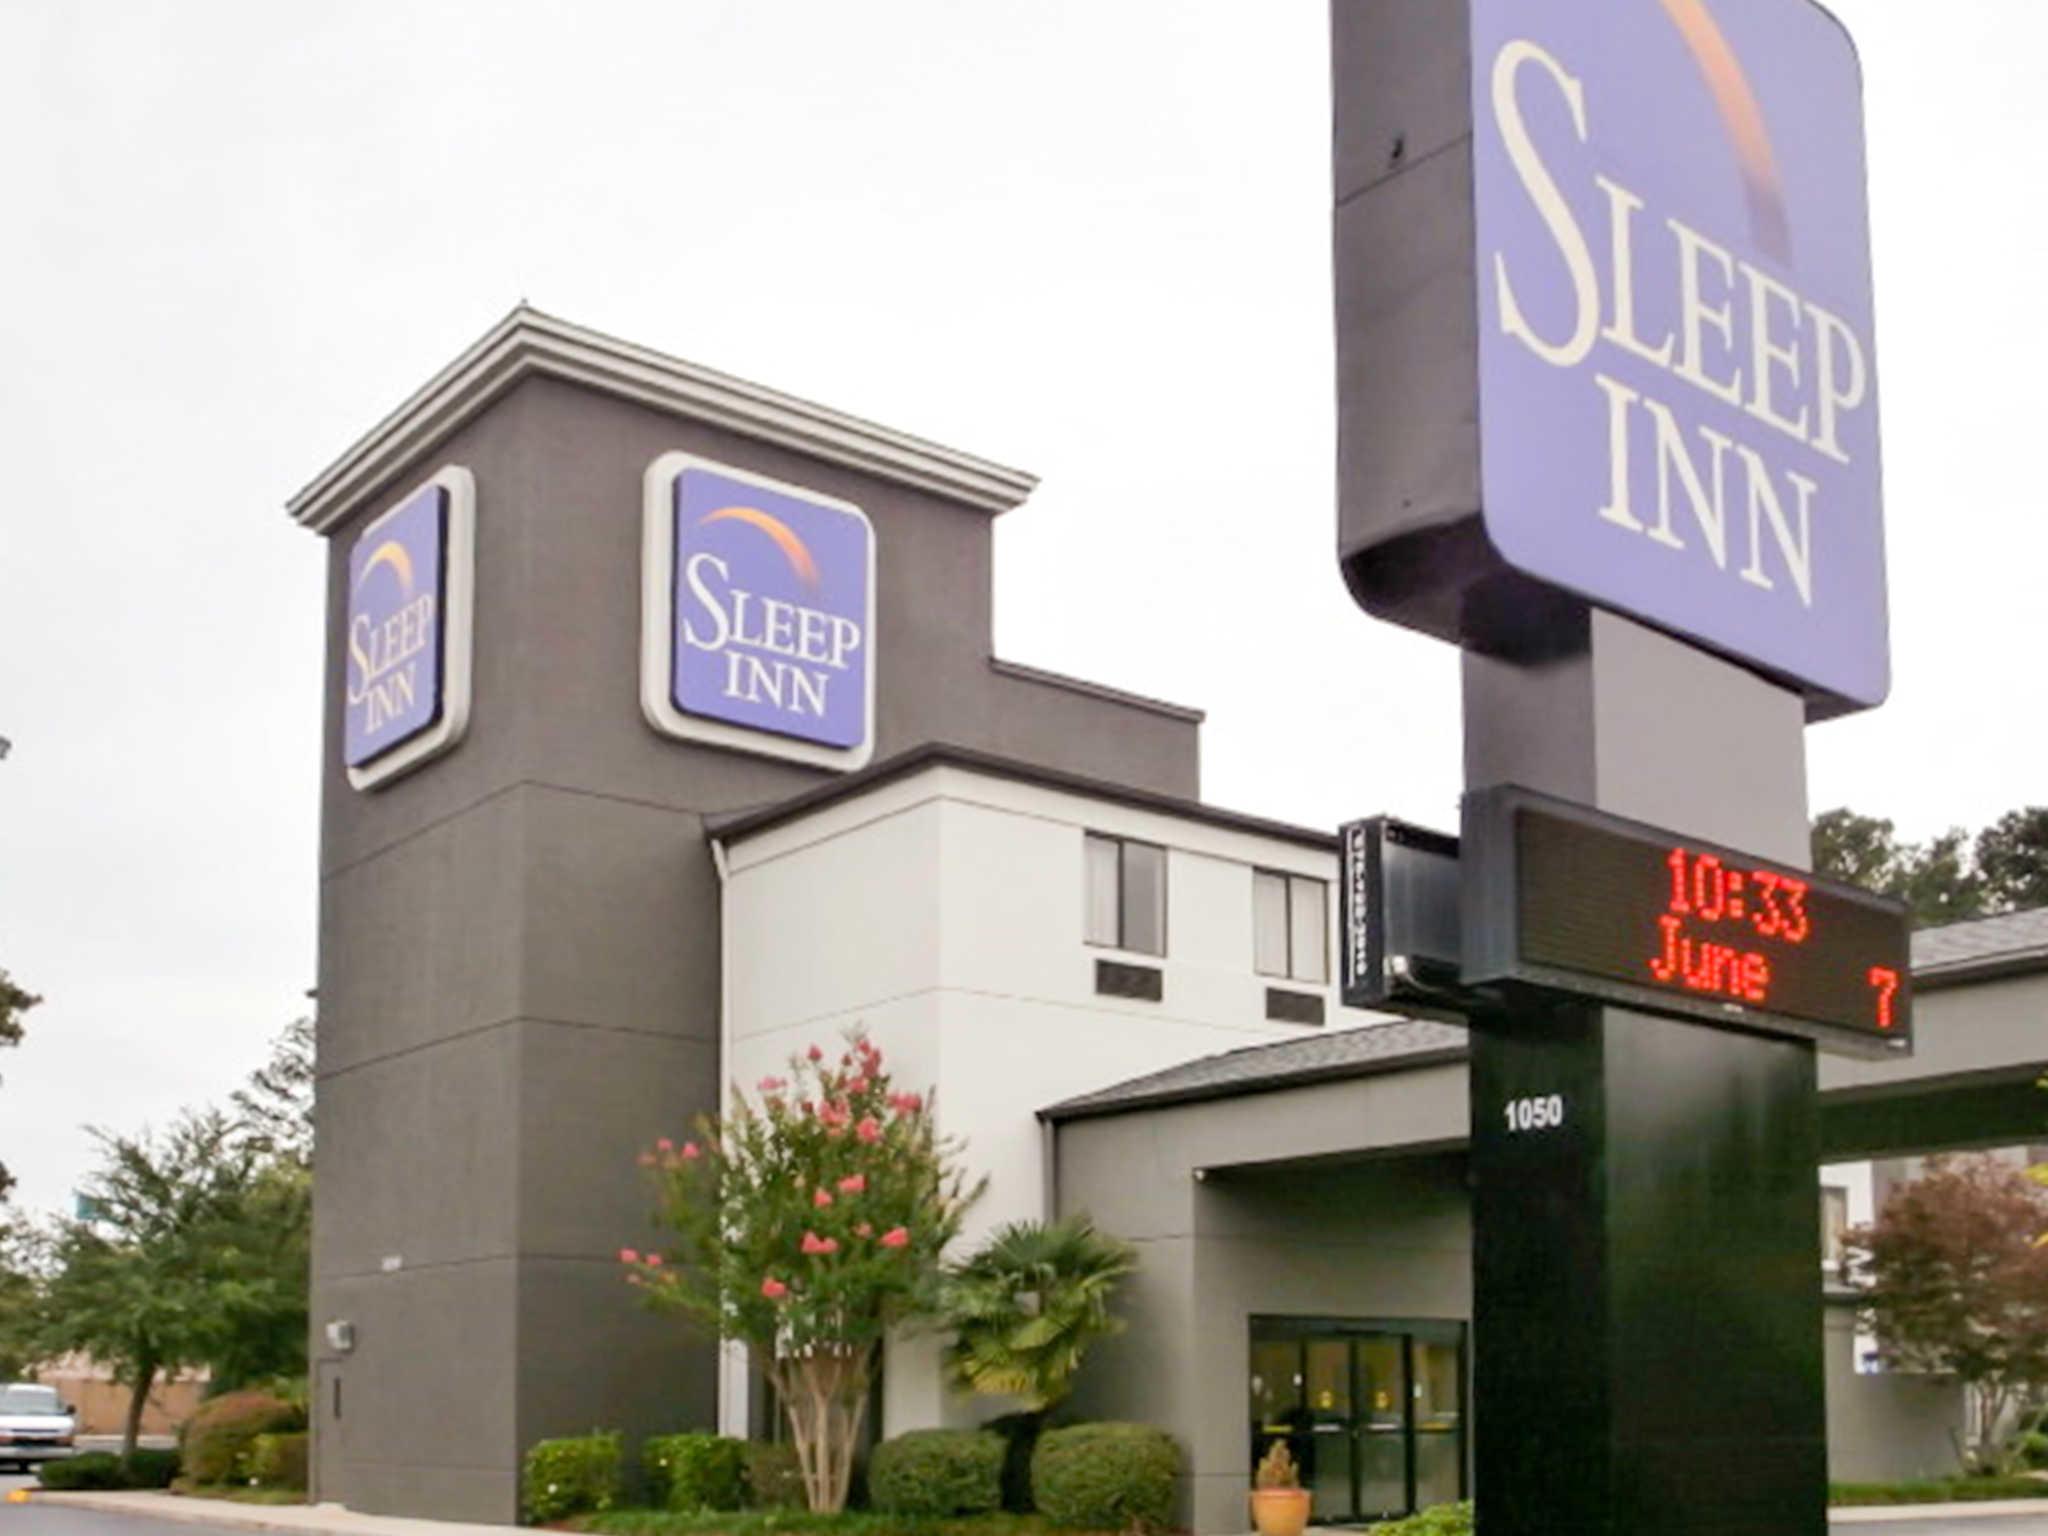 Sleep Inn image 2